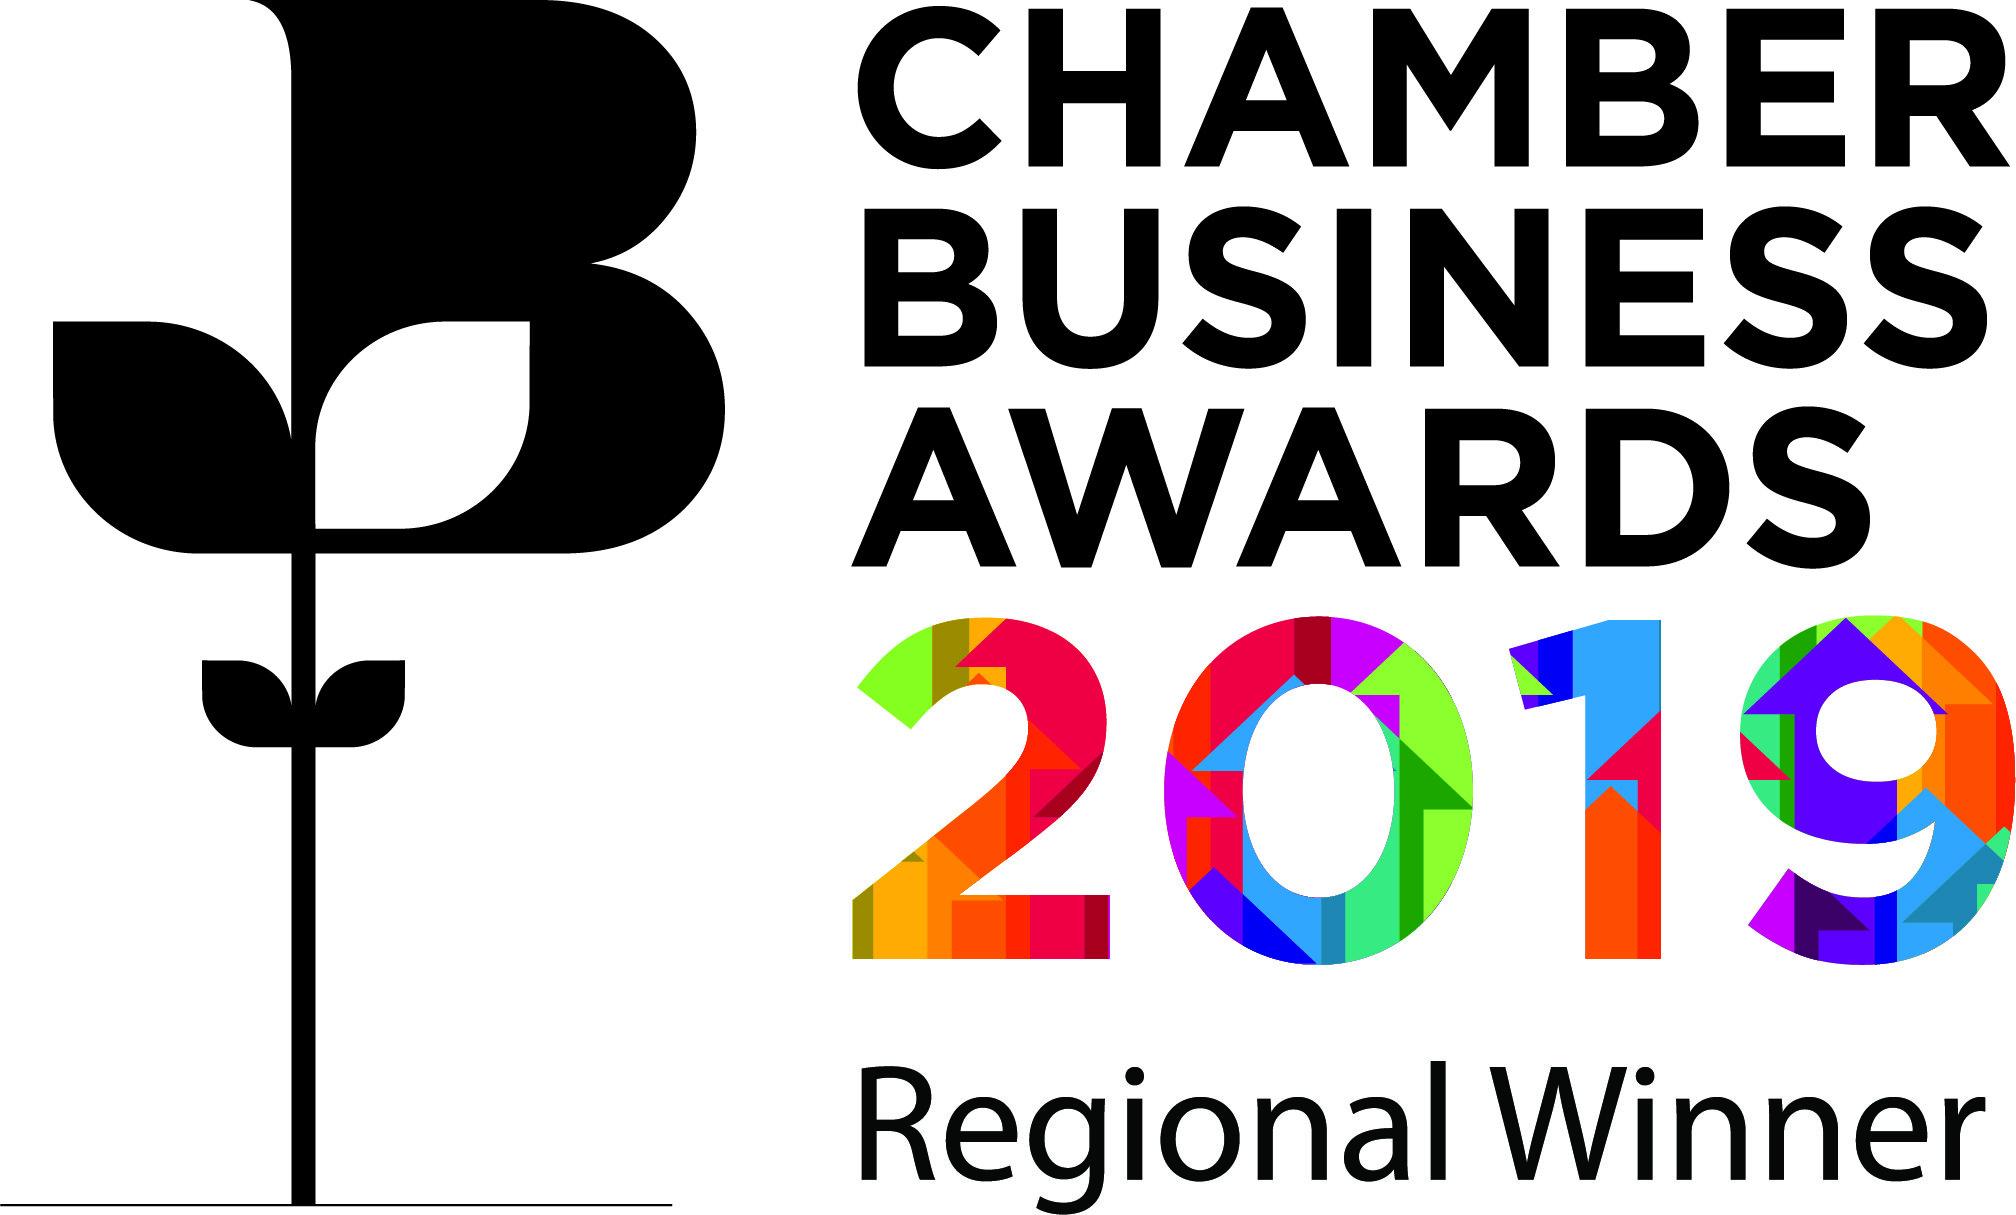 2019 CHAMBER AWARDS Regional WINNER.JPG